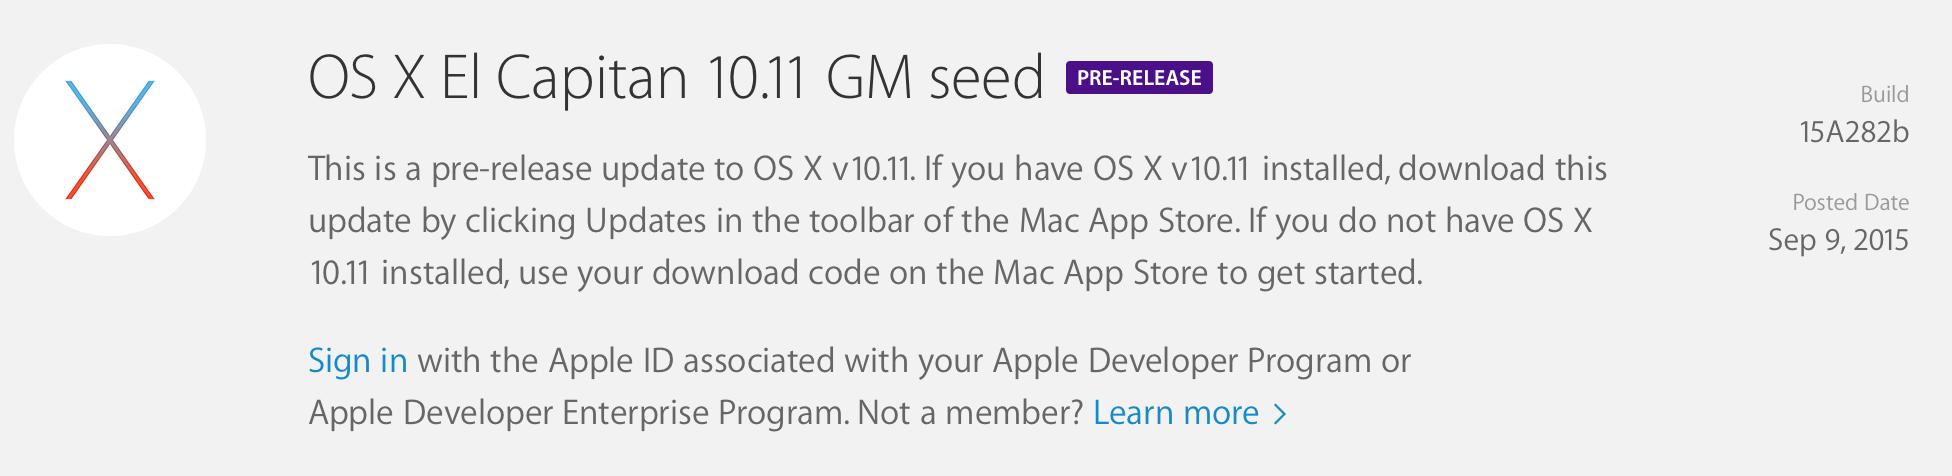 OS X Beta-Release-bildschirmfoto-2015-09-09-um-22.23.29.png